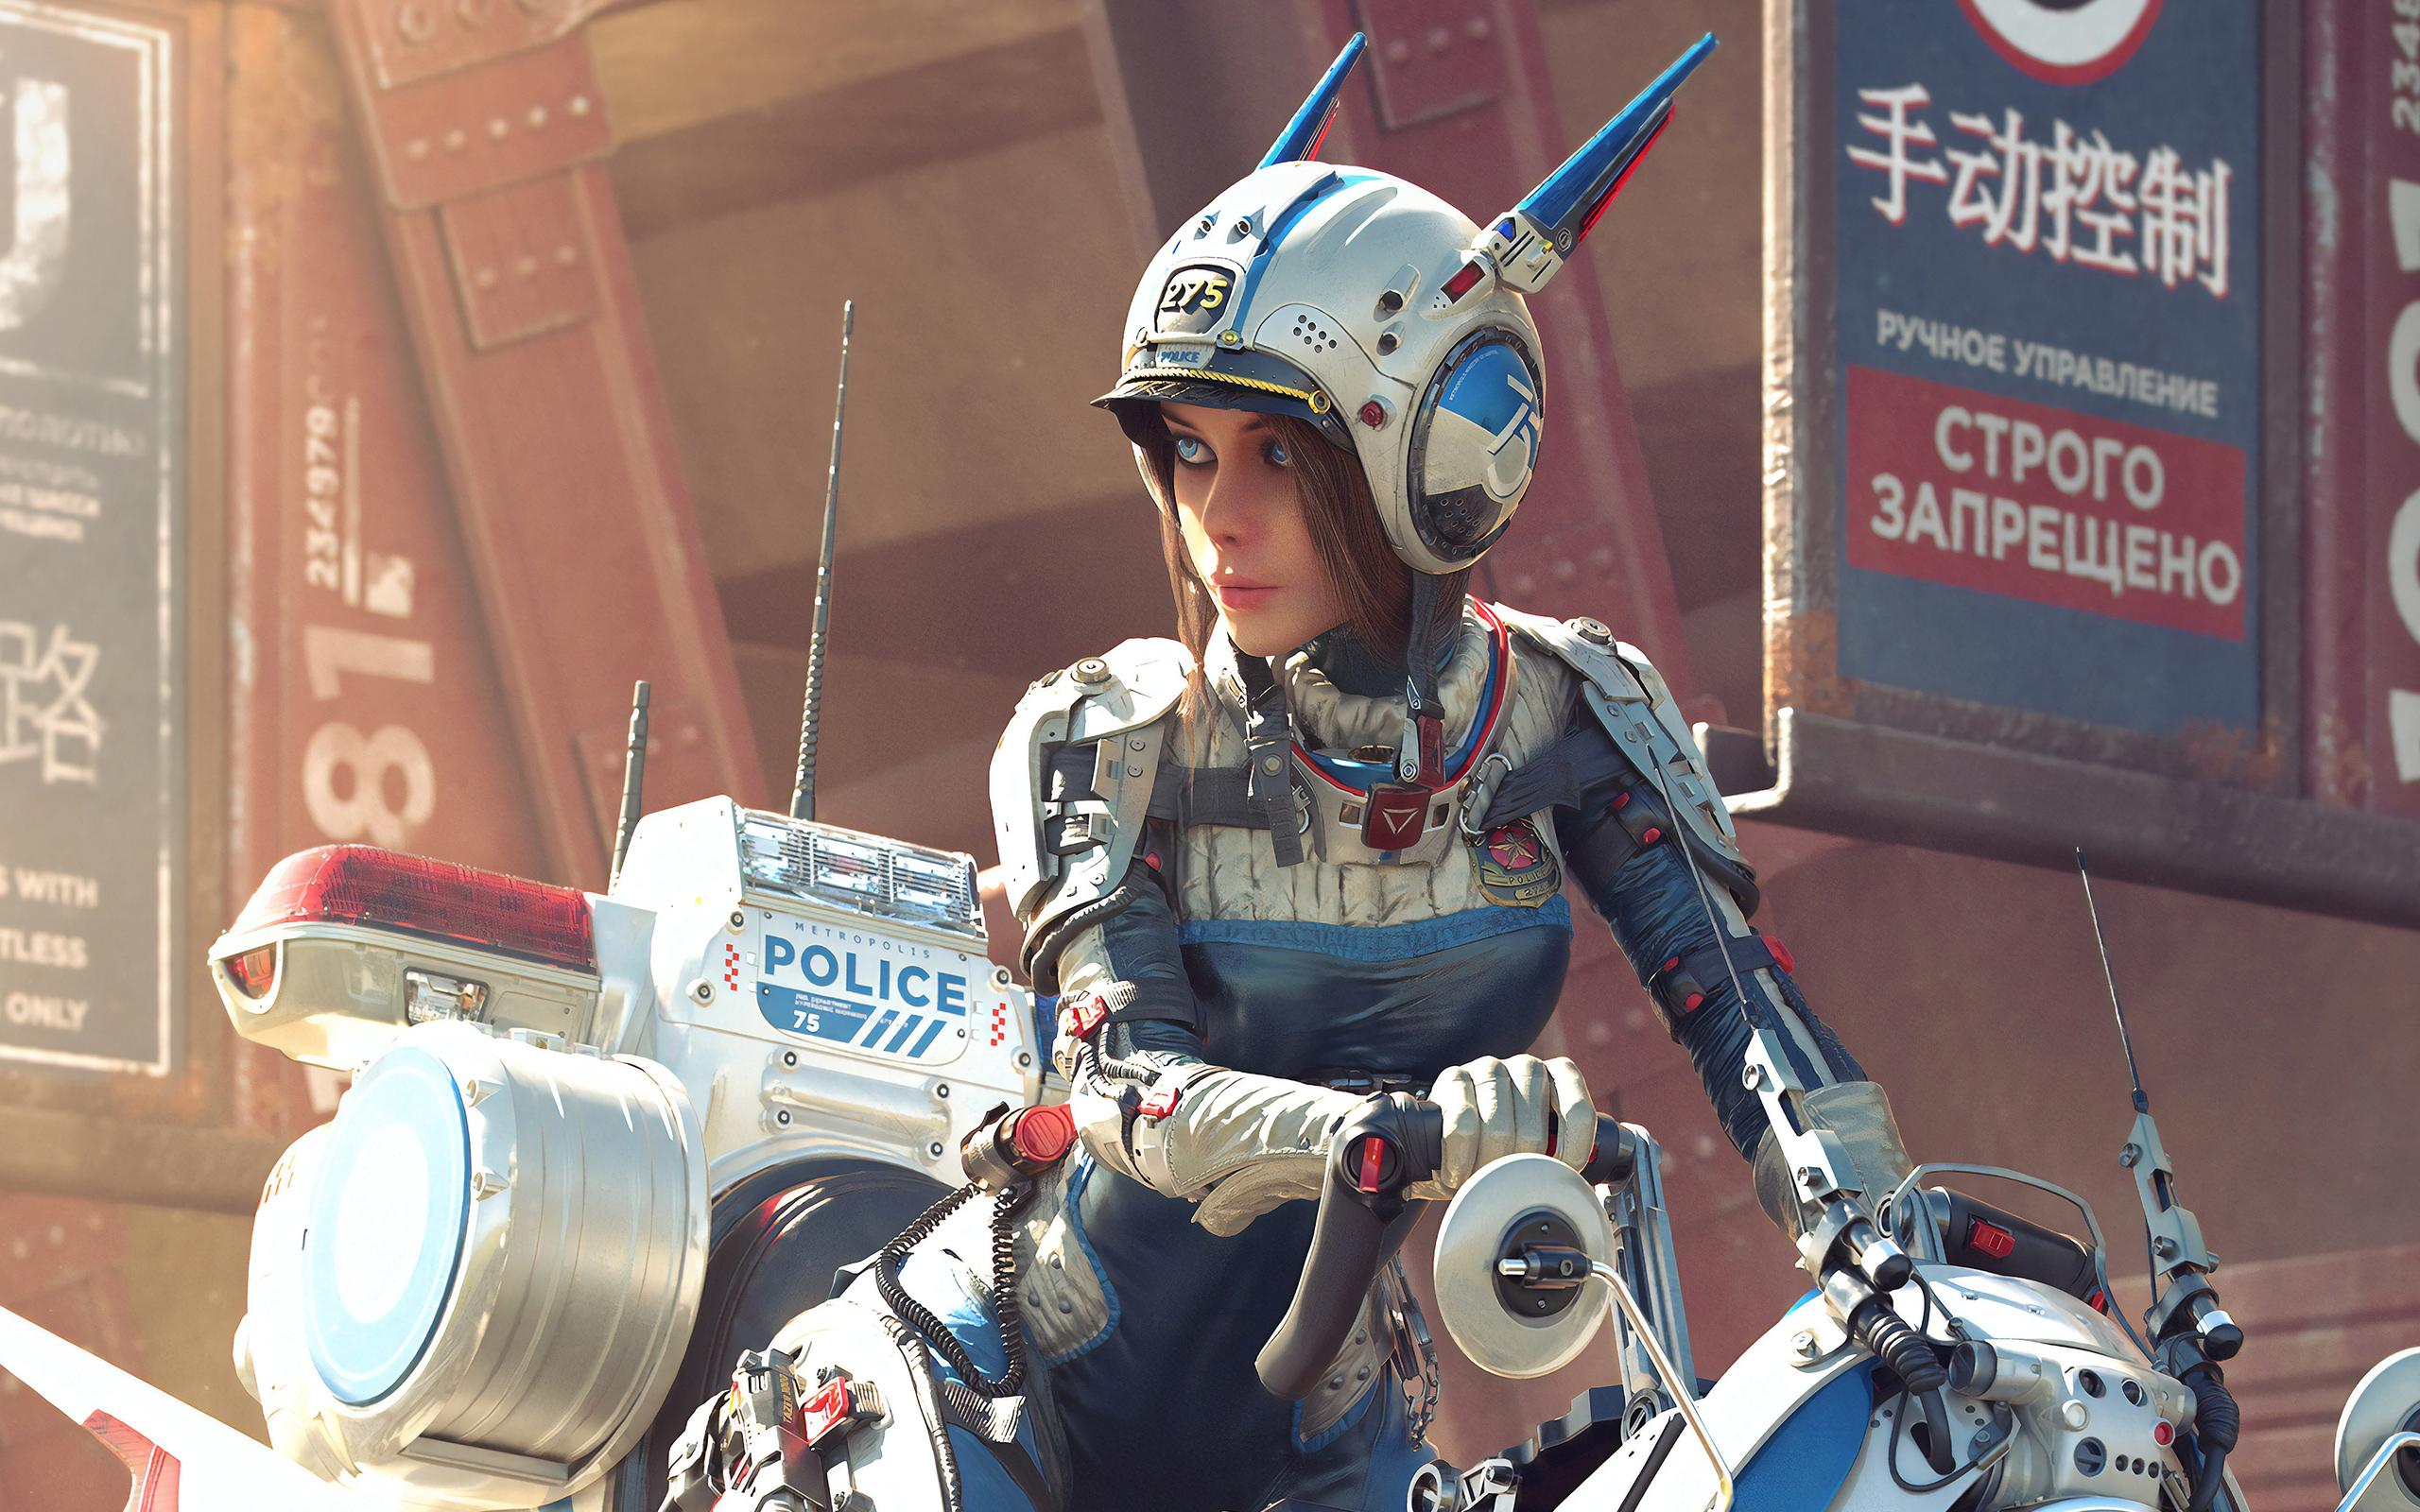 traffic-police-cyber-girl-4k-bj.jpg